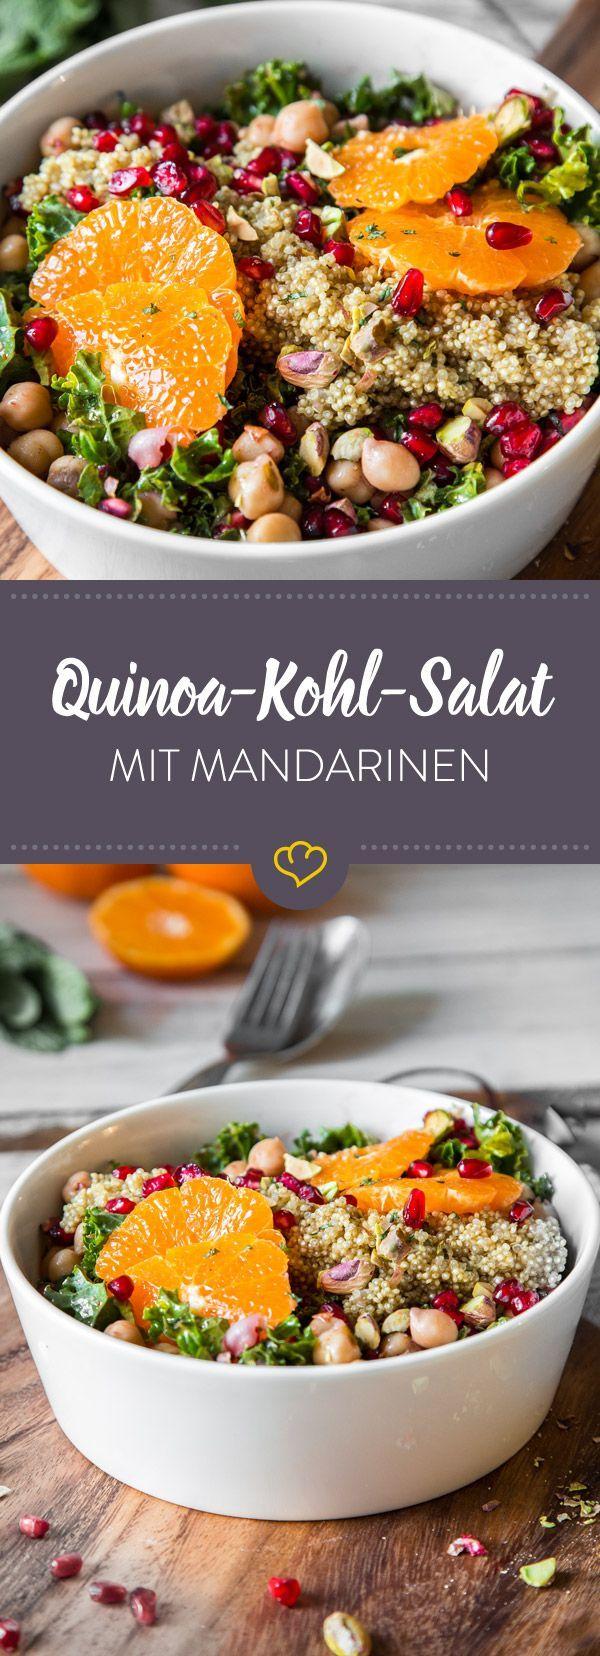 Dieser Salat bringt uns im Frühjahr auf Touren: Quinoa, Kohl und Kichererbsen treffen auf Mandarinen und Granatapfel. Ein wahrer Protein-Vitamin-Cocktail. (delicious snacks low carb)